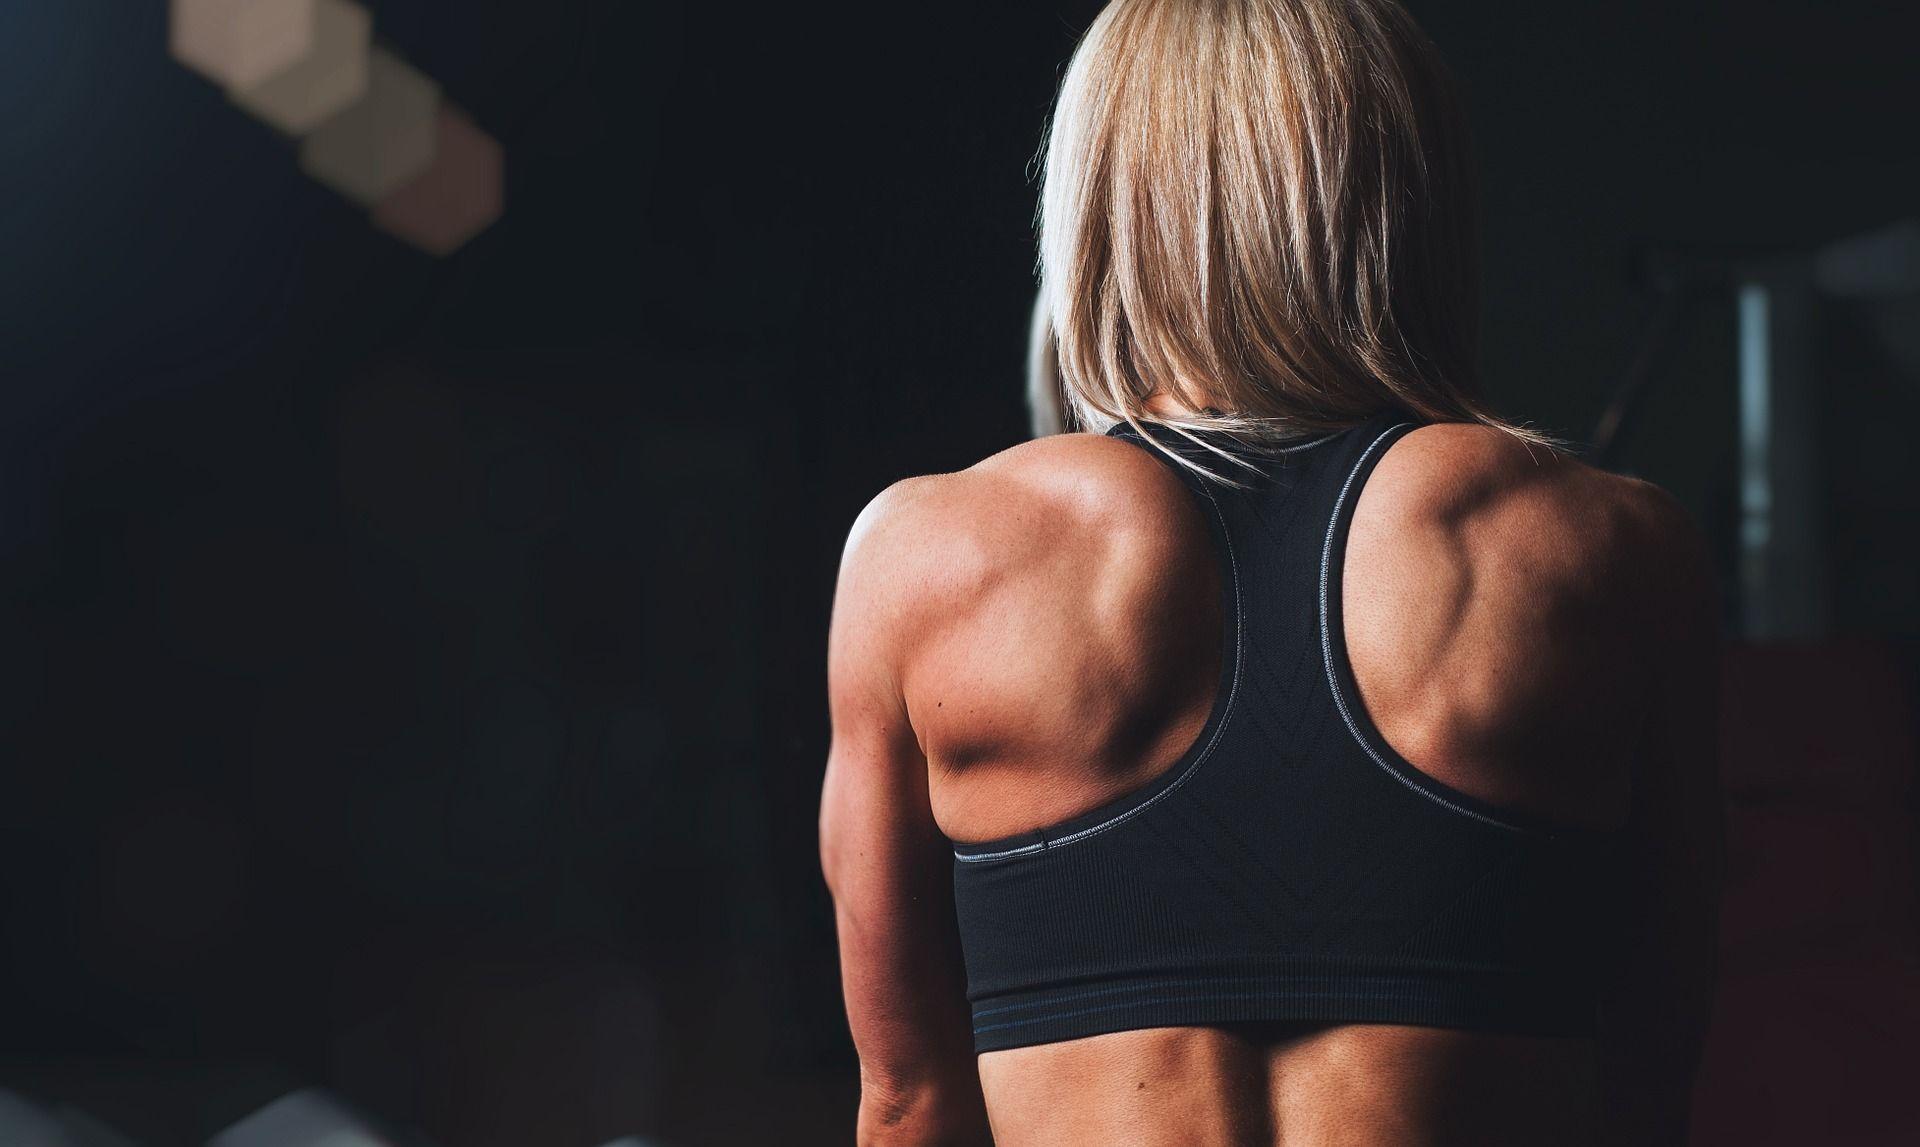 Muškarci bi trebali vježbati prije jela, a žene nakon jela